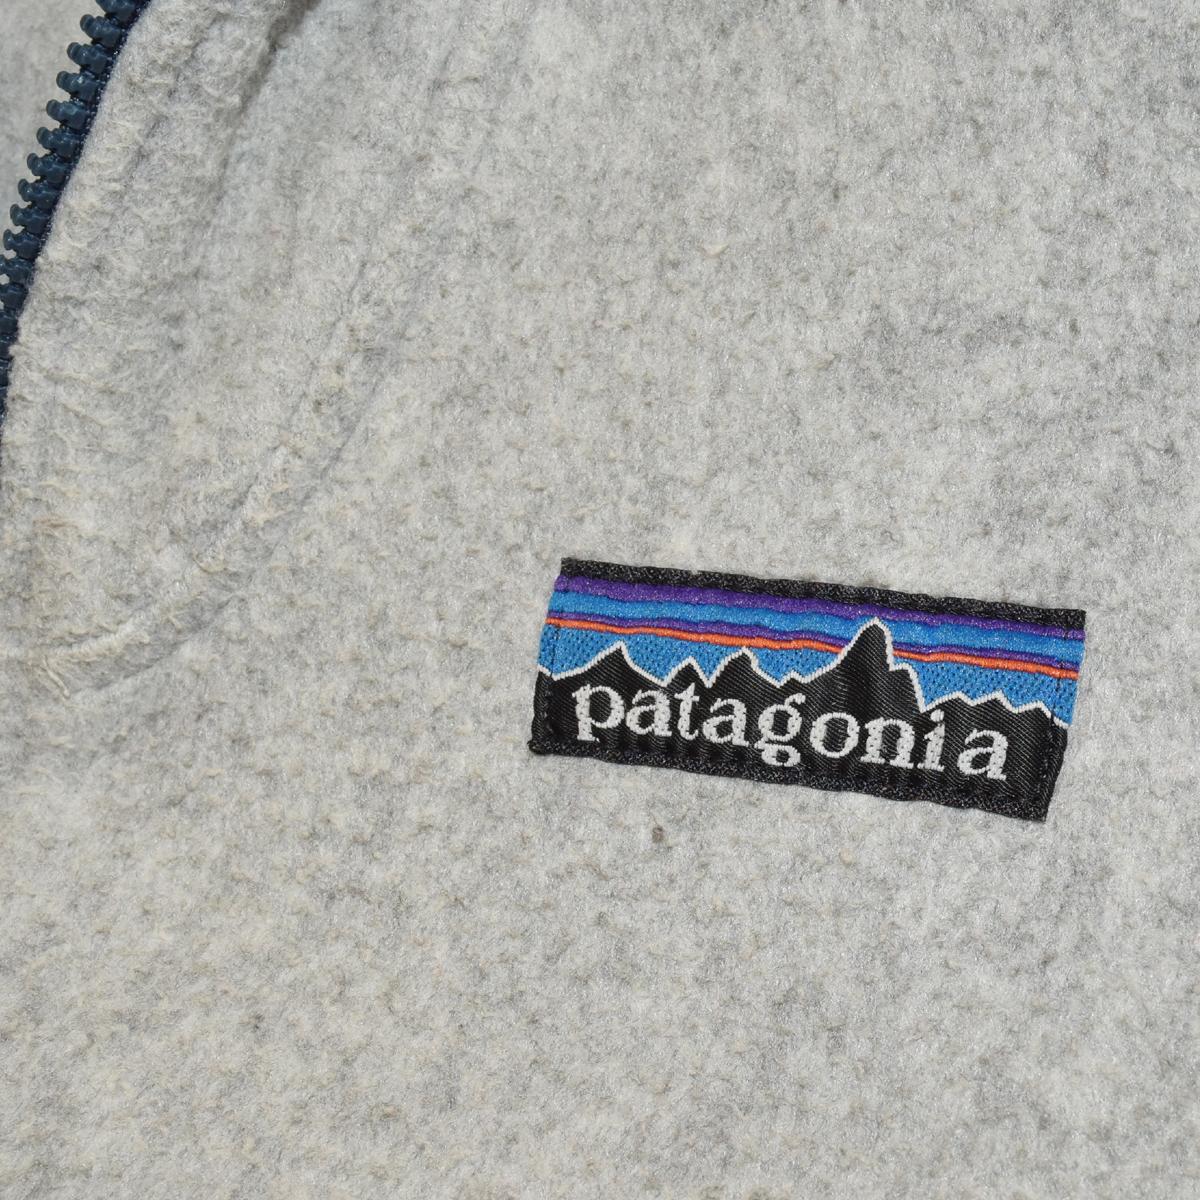 ビンテージ patagonia R無しデカタグ パタゴニア フルジップフリース 80年代 Sくらい